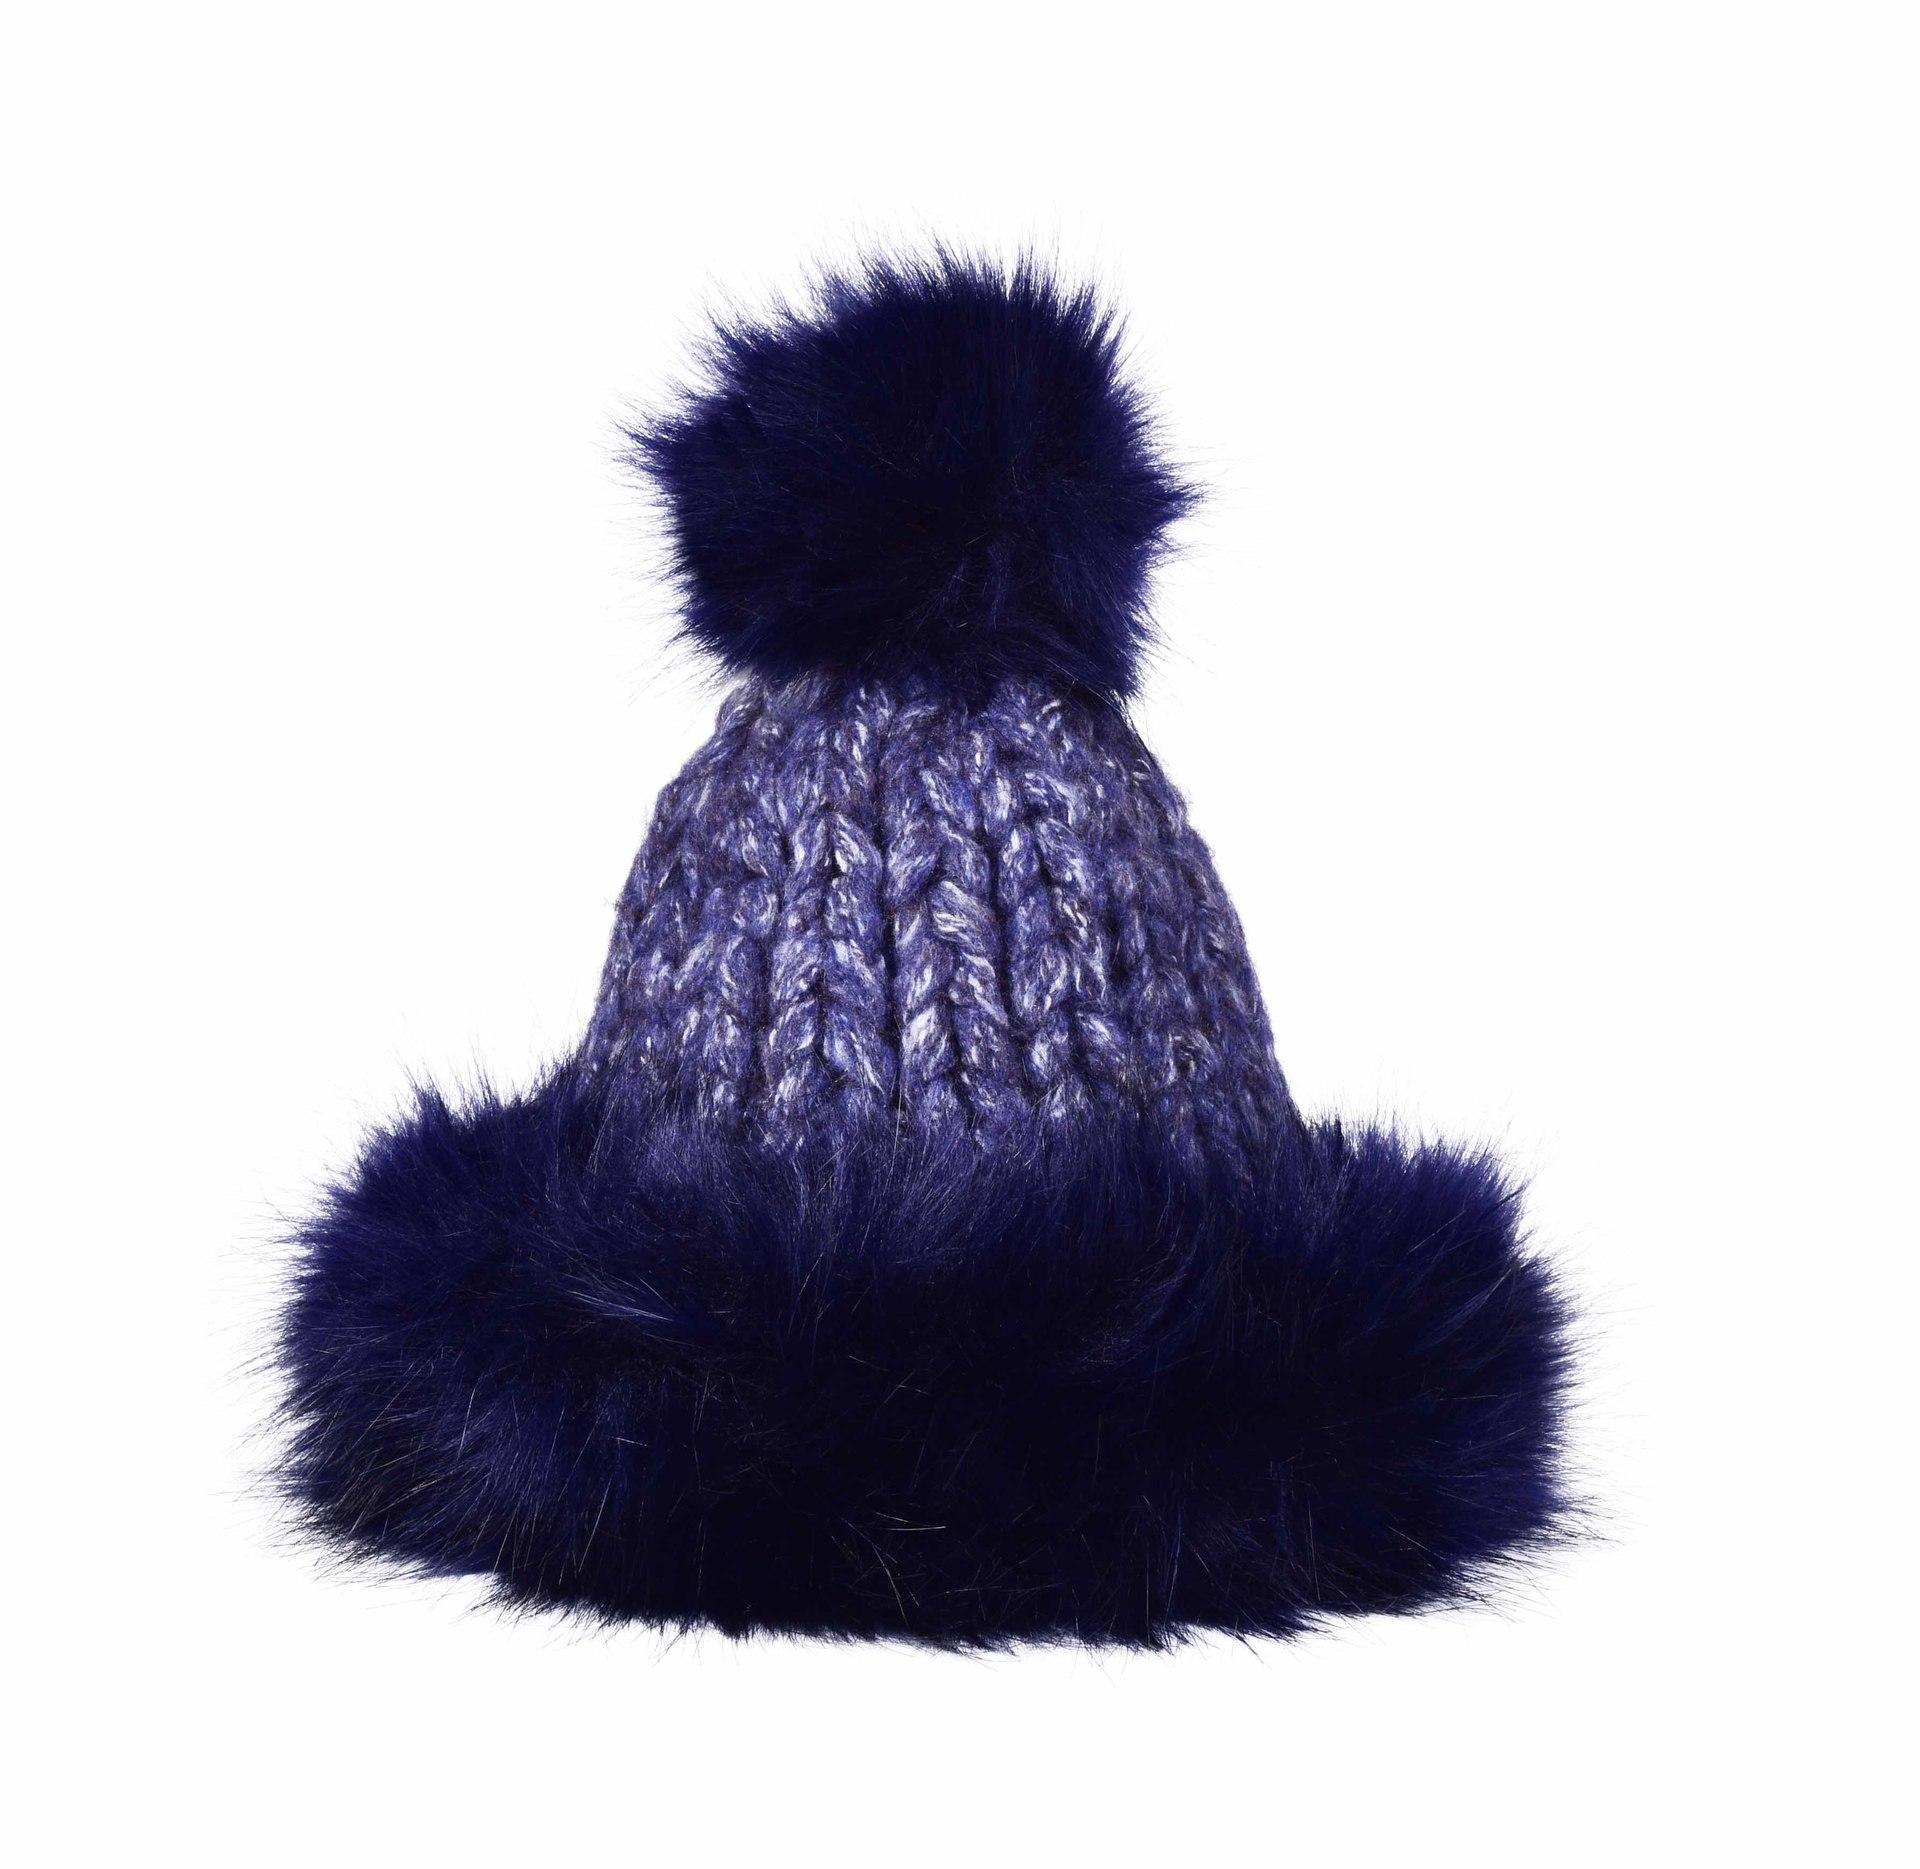 Ručně pletená čepice s teplou podšívkou POLARIS